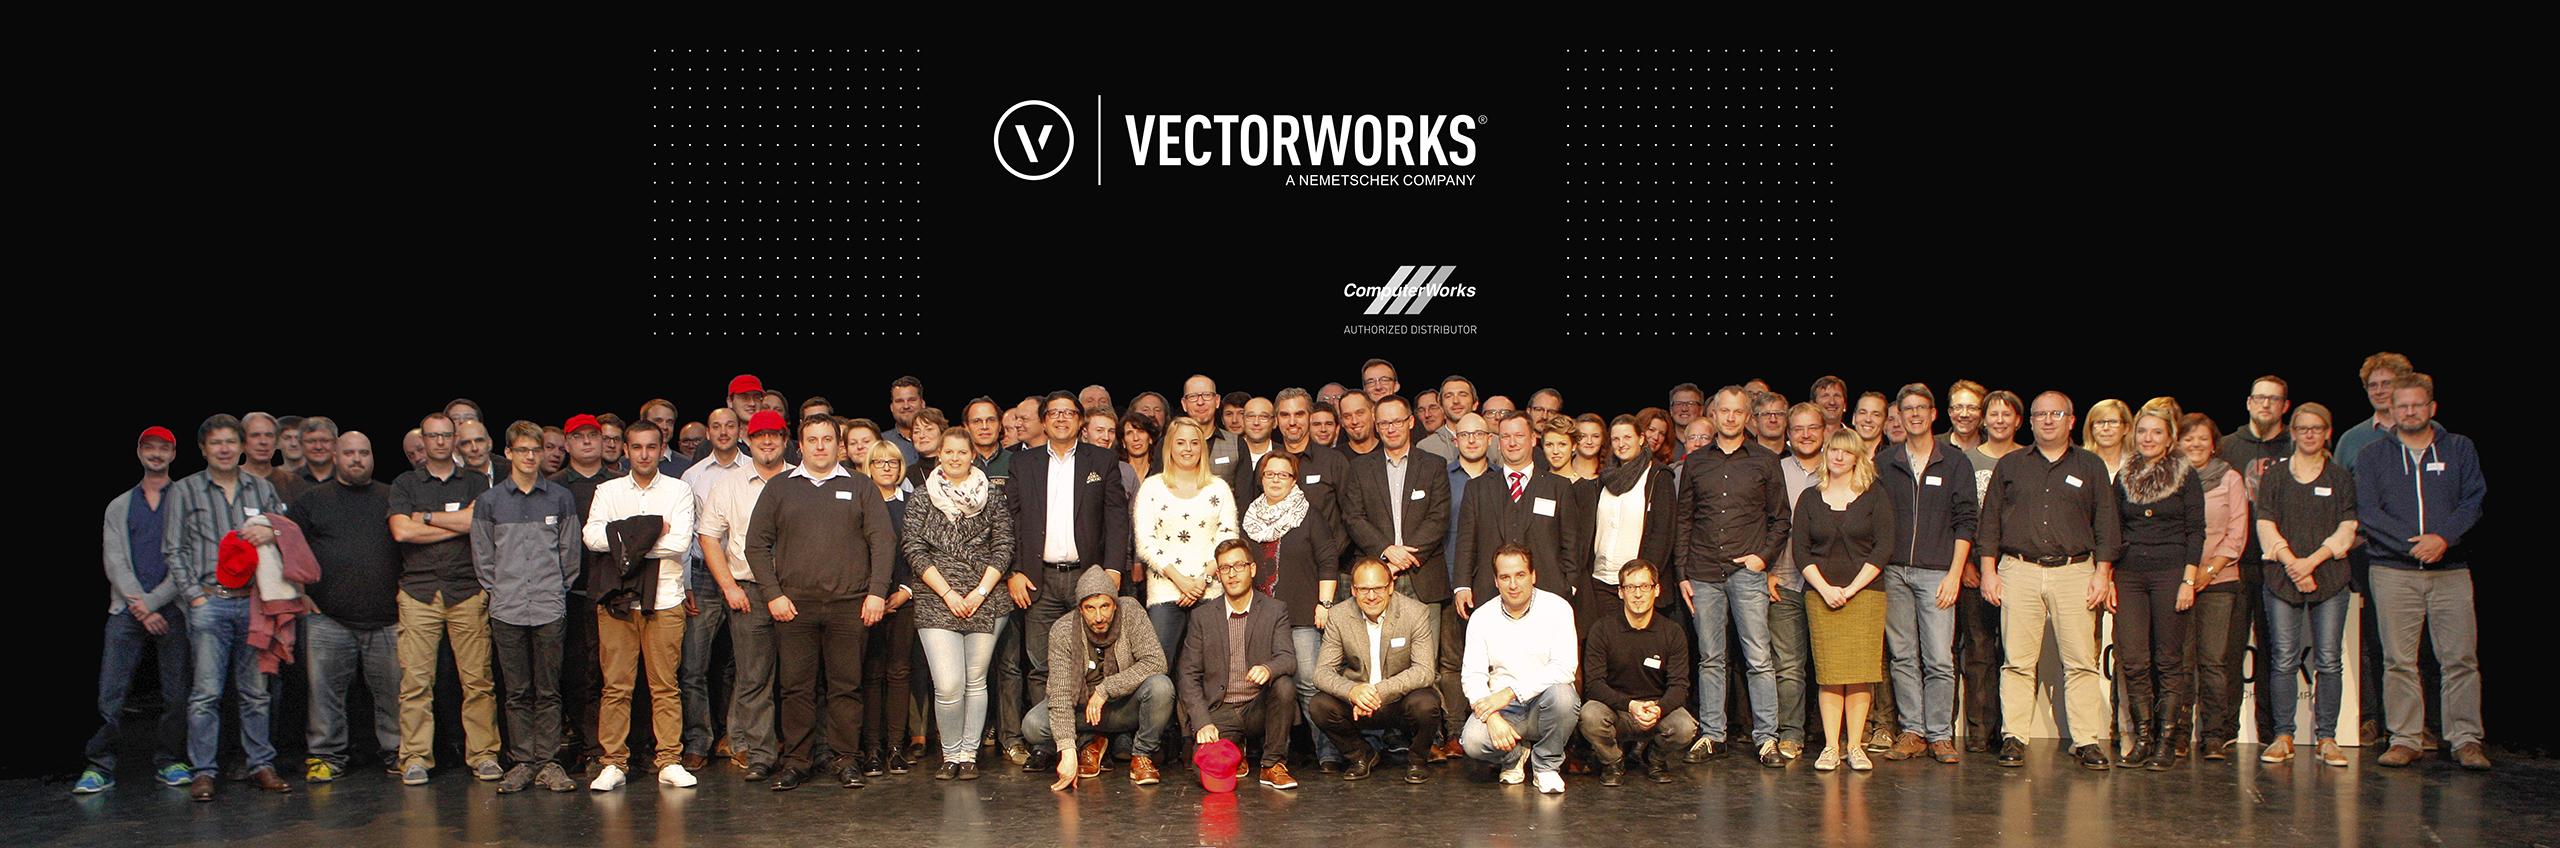 vectorworks partner vor ort. Black Bedroom Furniture Sets. Home Design Ideas